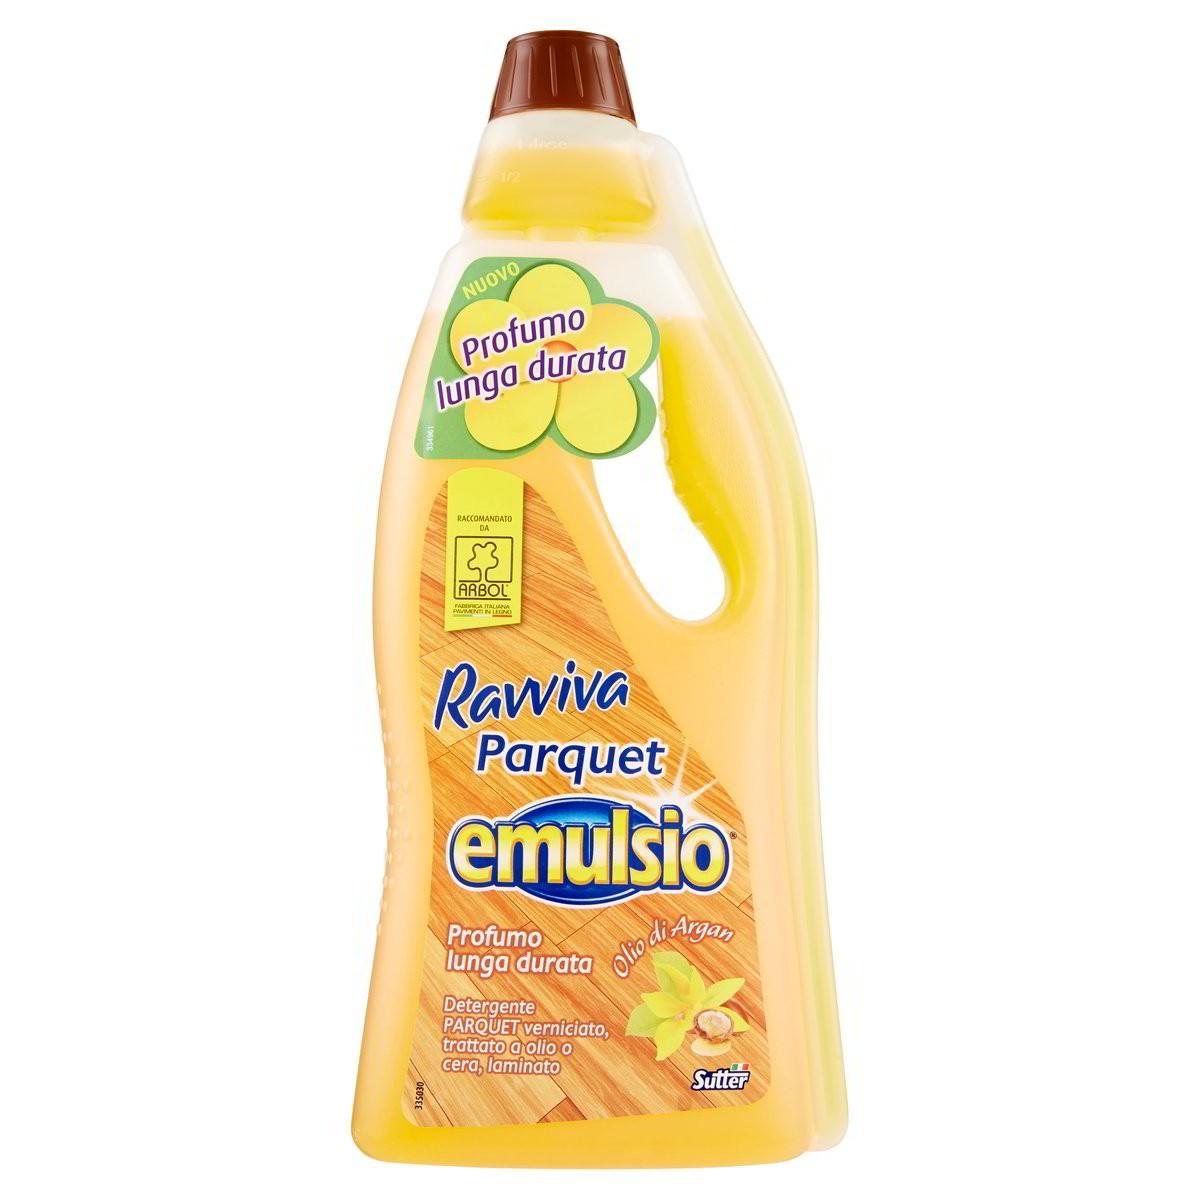 Emulsio Detergente Ravviva Parquet e Legno